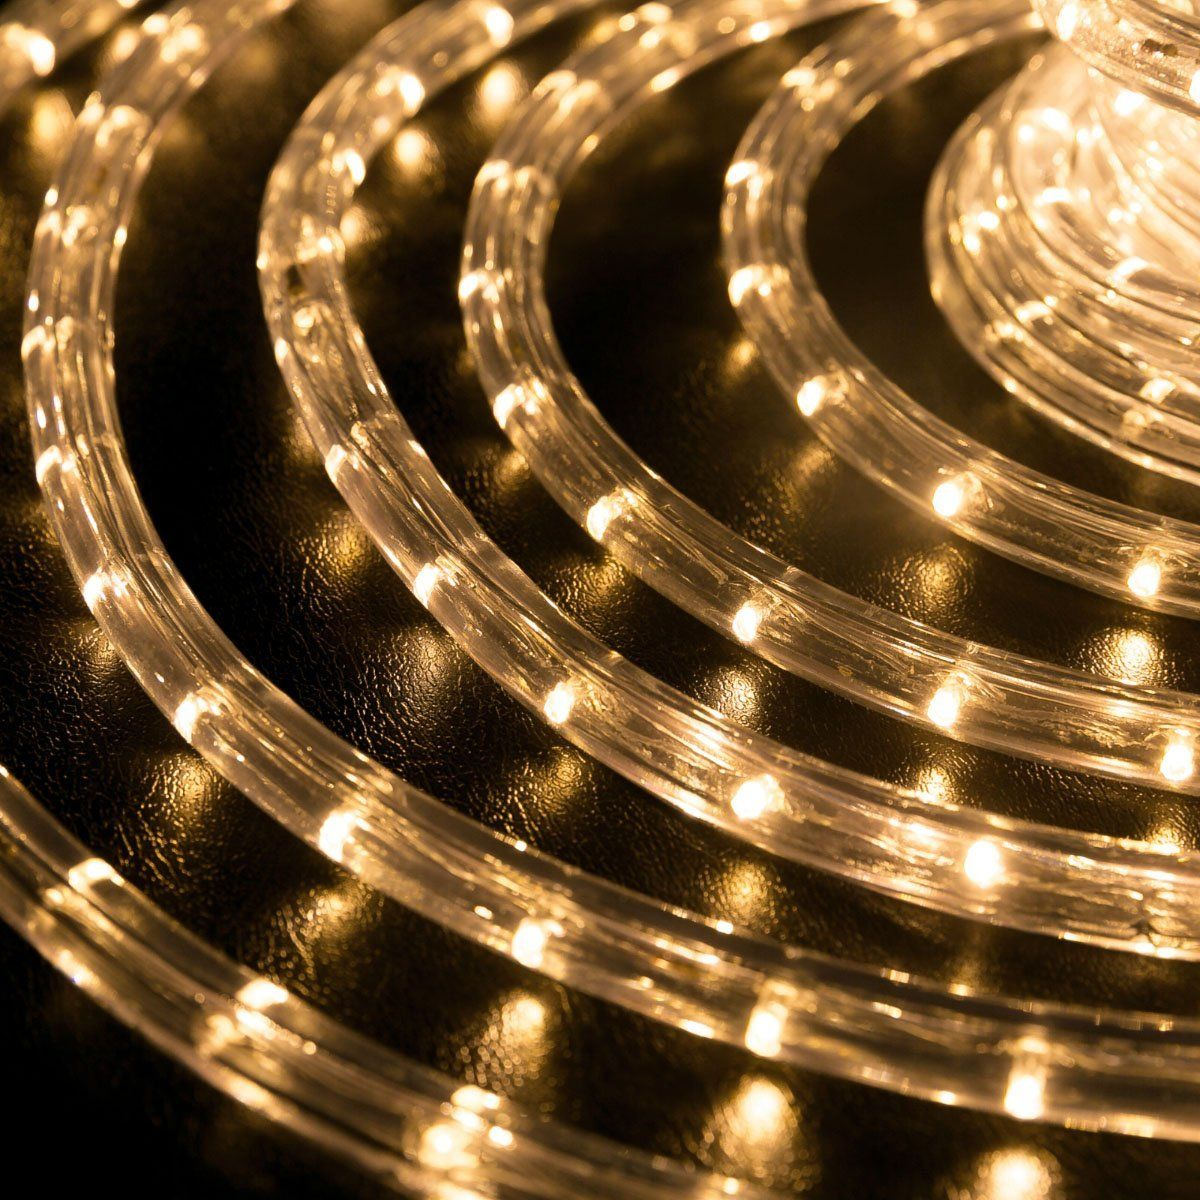 10 Ft Warm White 1 2 Diameter Led Rope Light Led Rope Lights